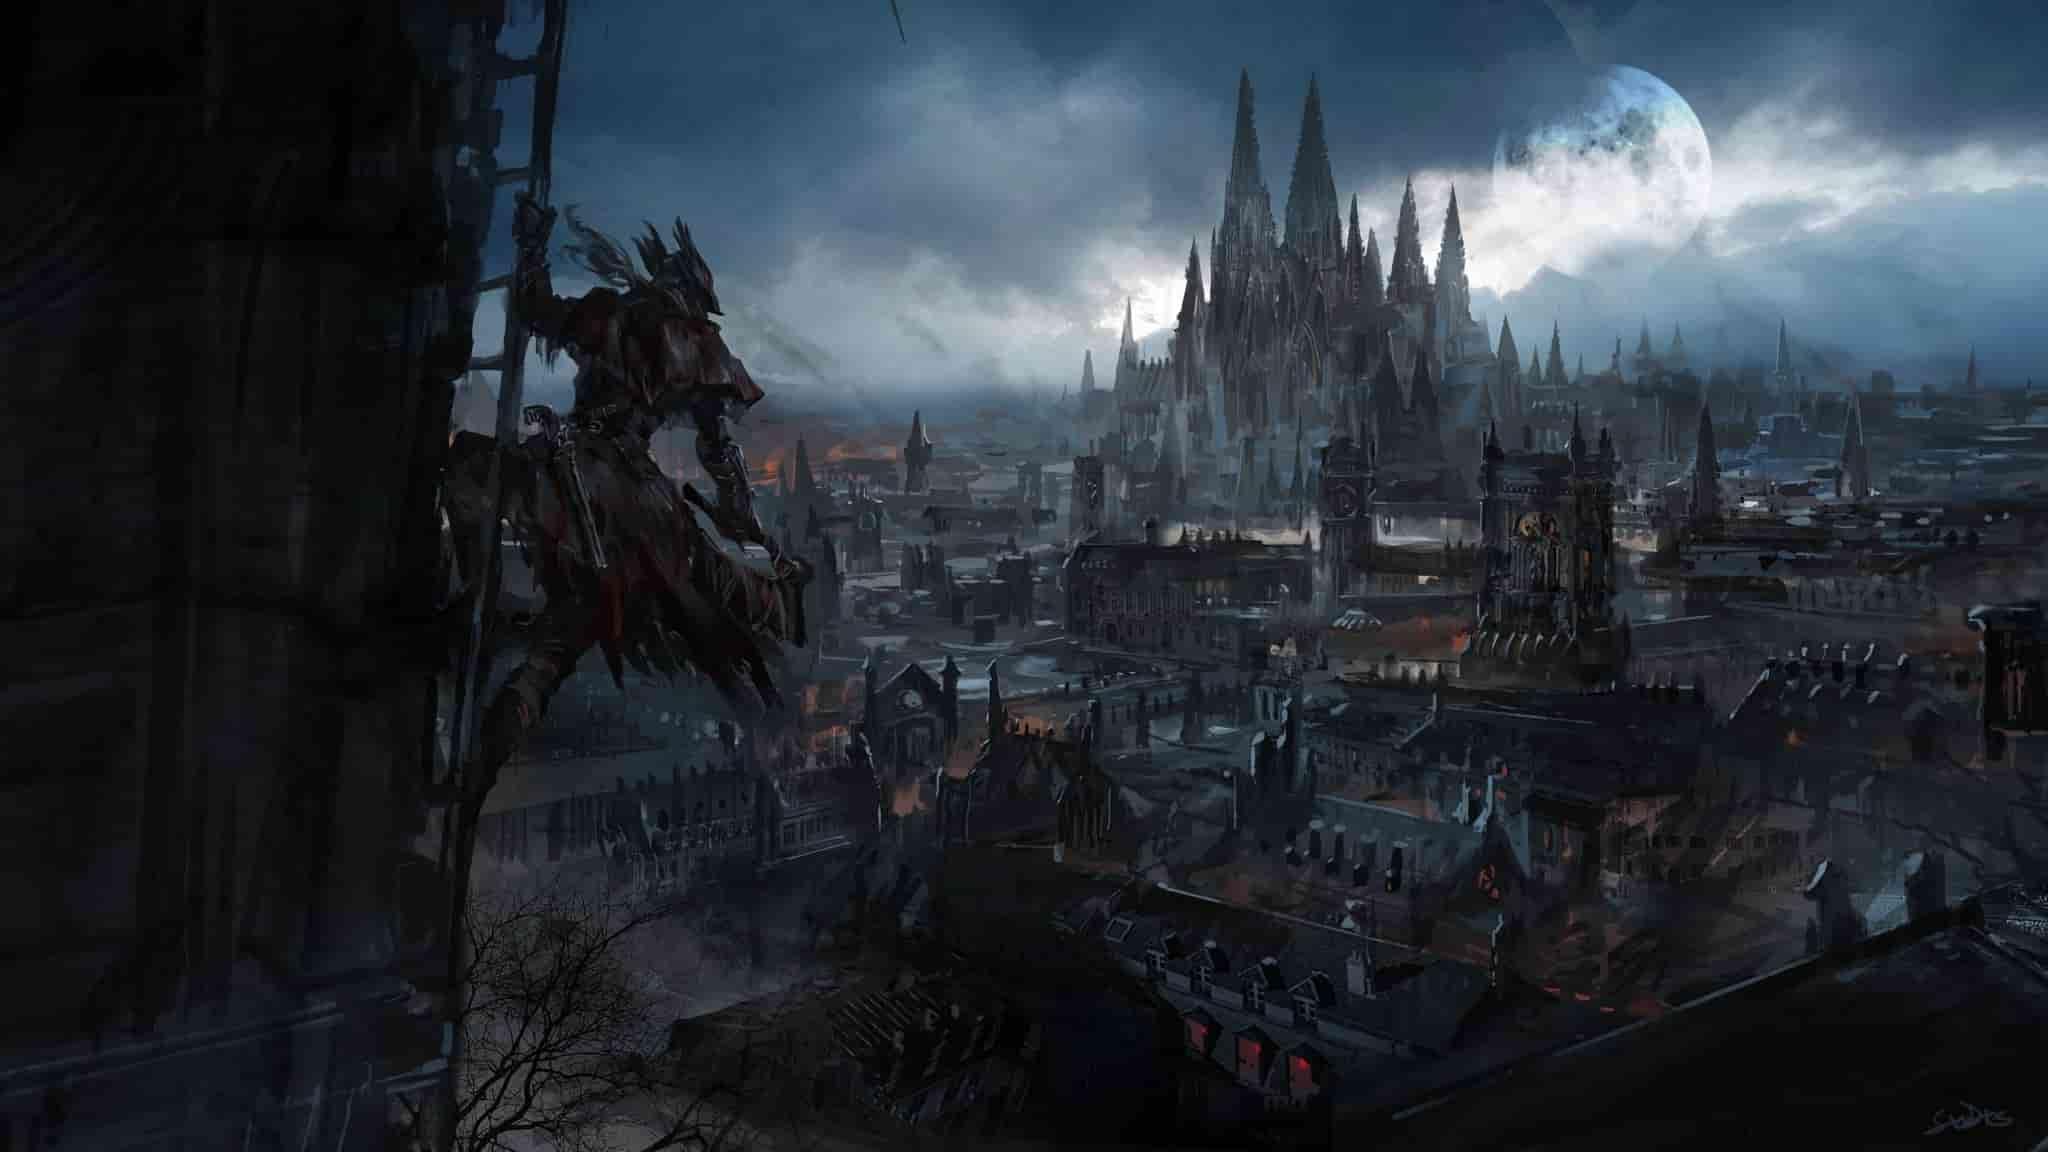 داستان بازی Bloodborne